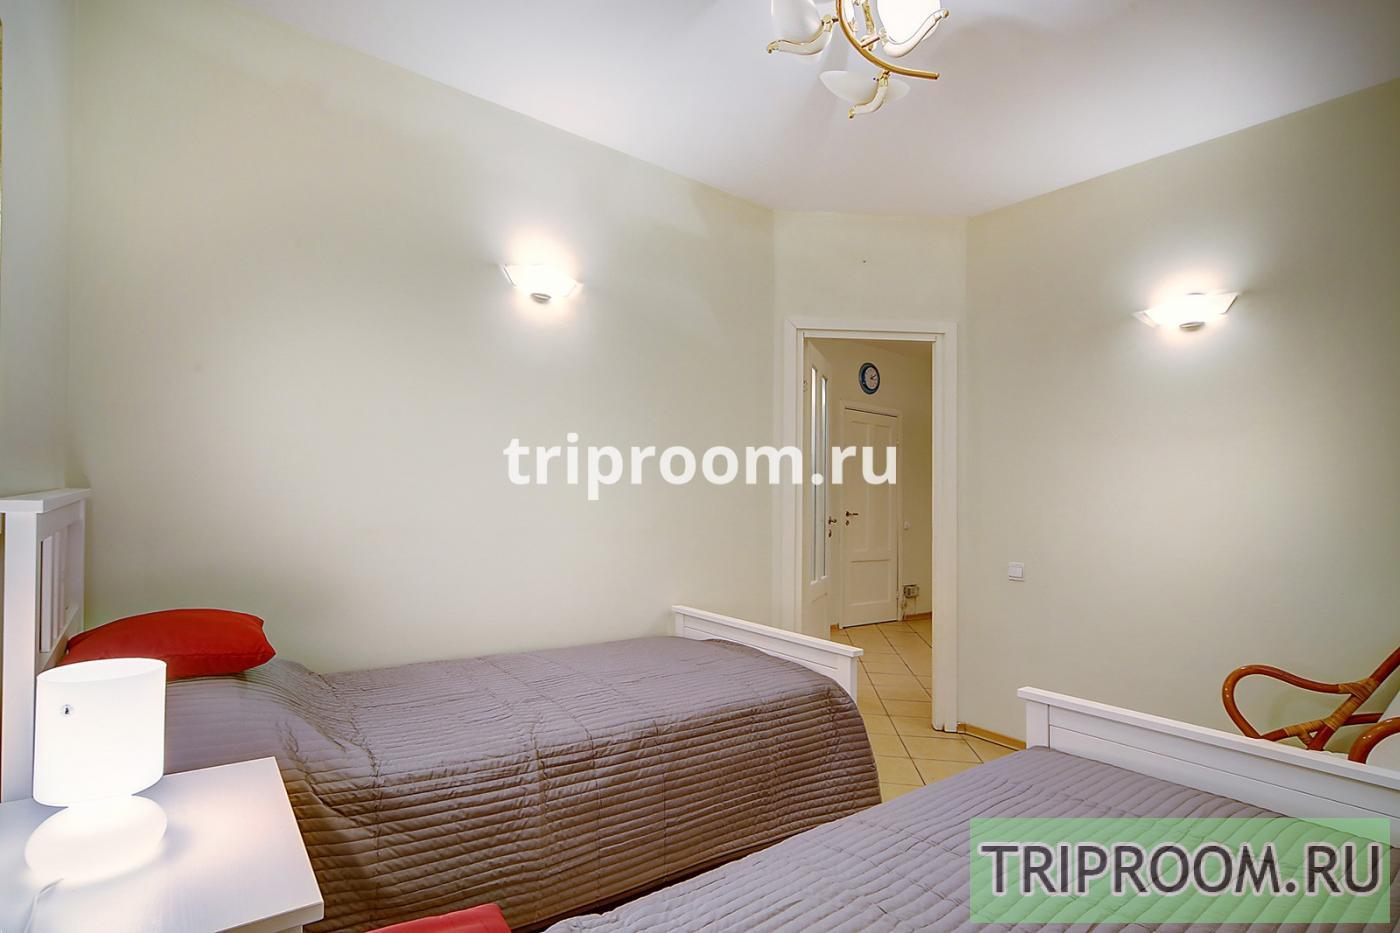 3-комнатная квартира посуточно (вариант № 14749), ул. Большая Конюшенная улица, фото № 15